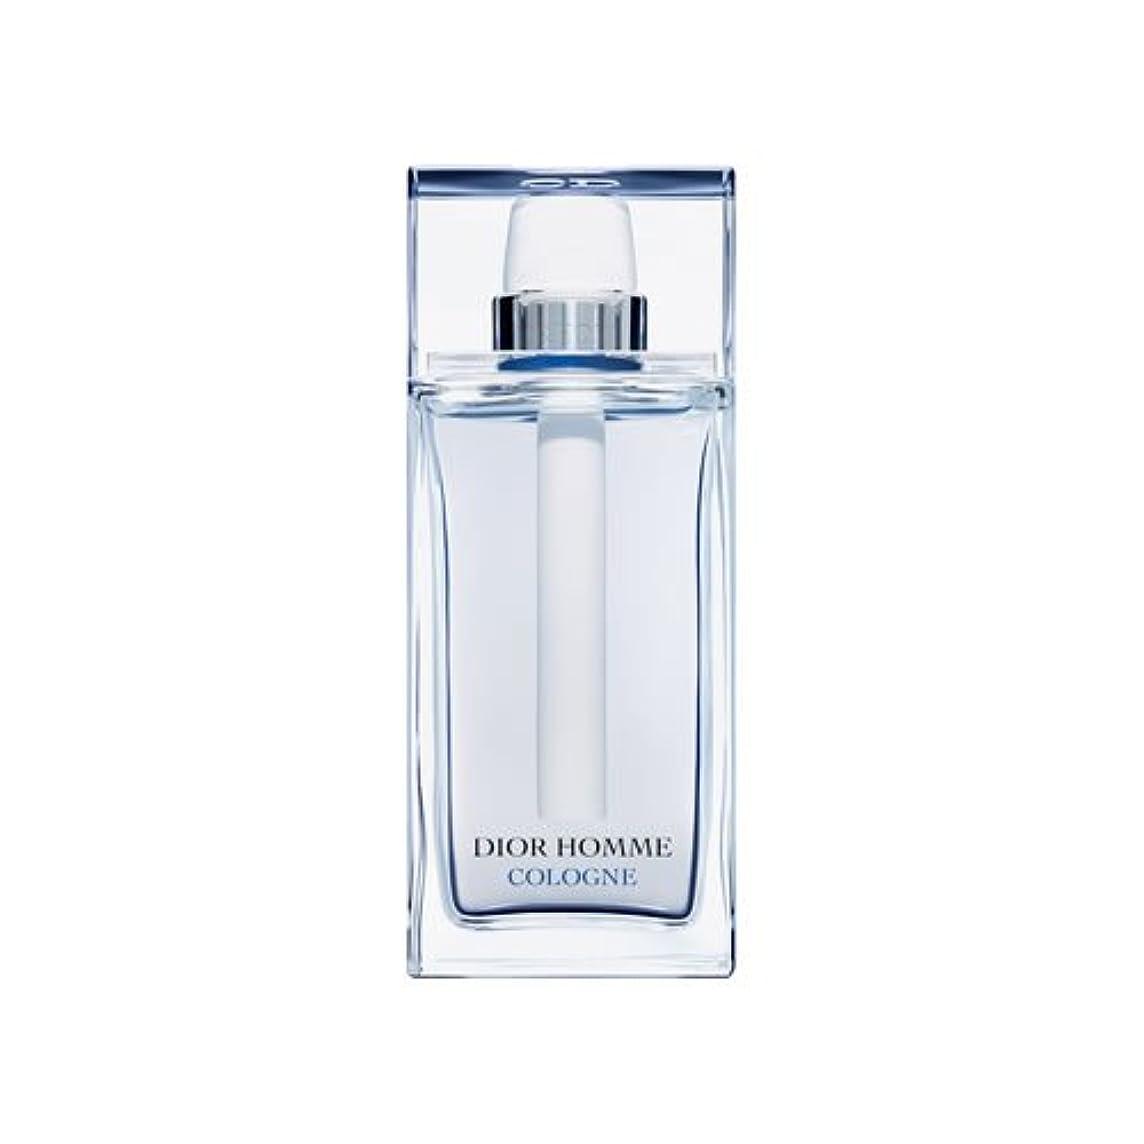 クリスチャン ディオール(Christian Dior) ディオール オム コロン オード トワレ 125ml[並行輸入品]